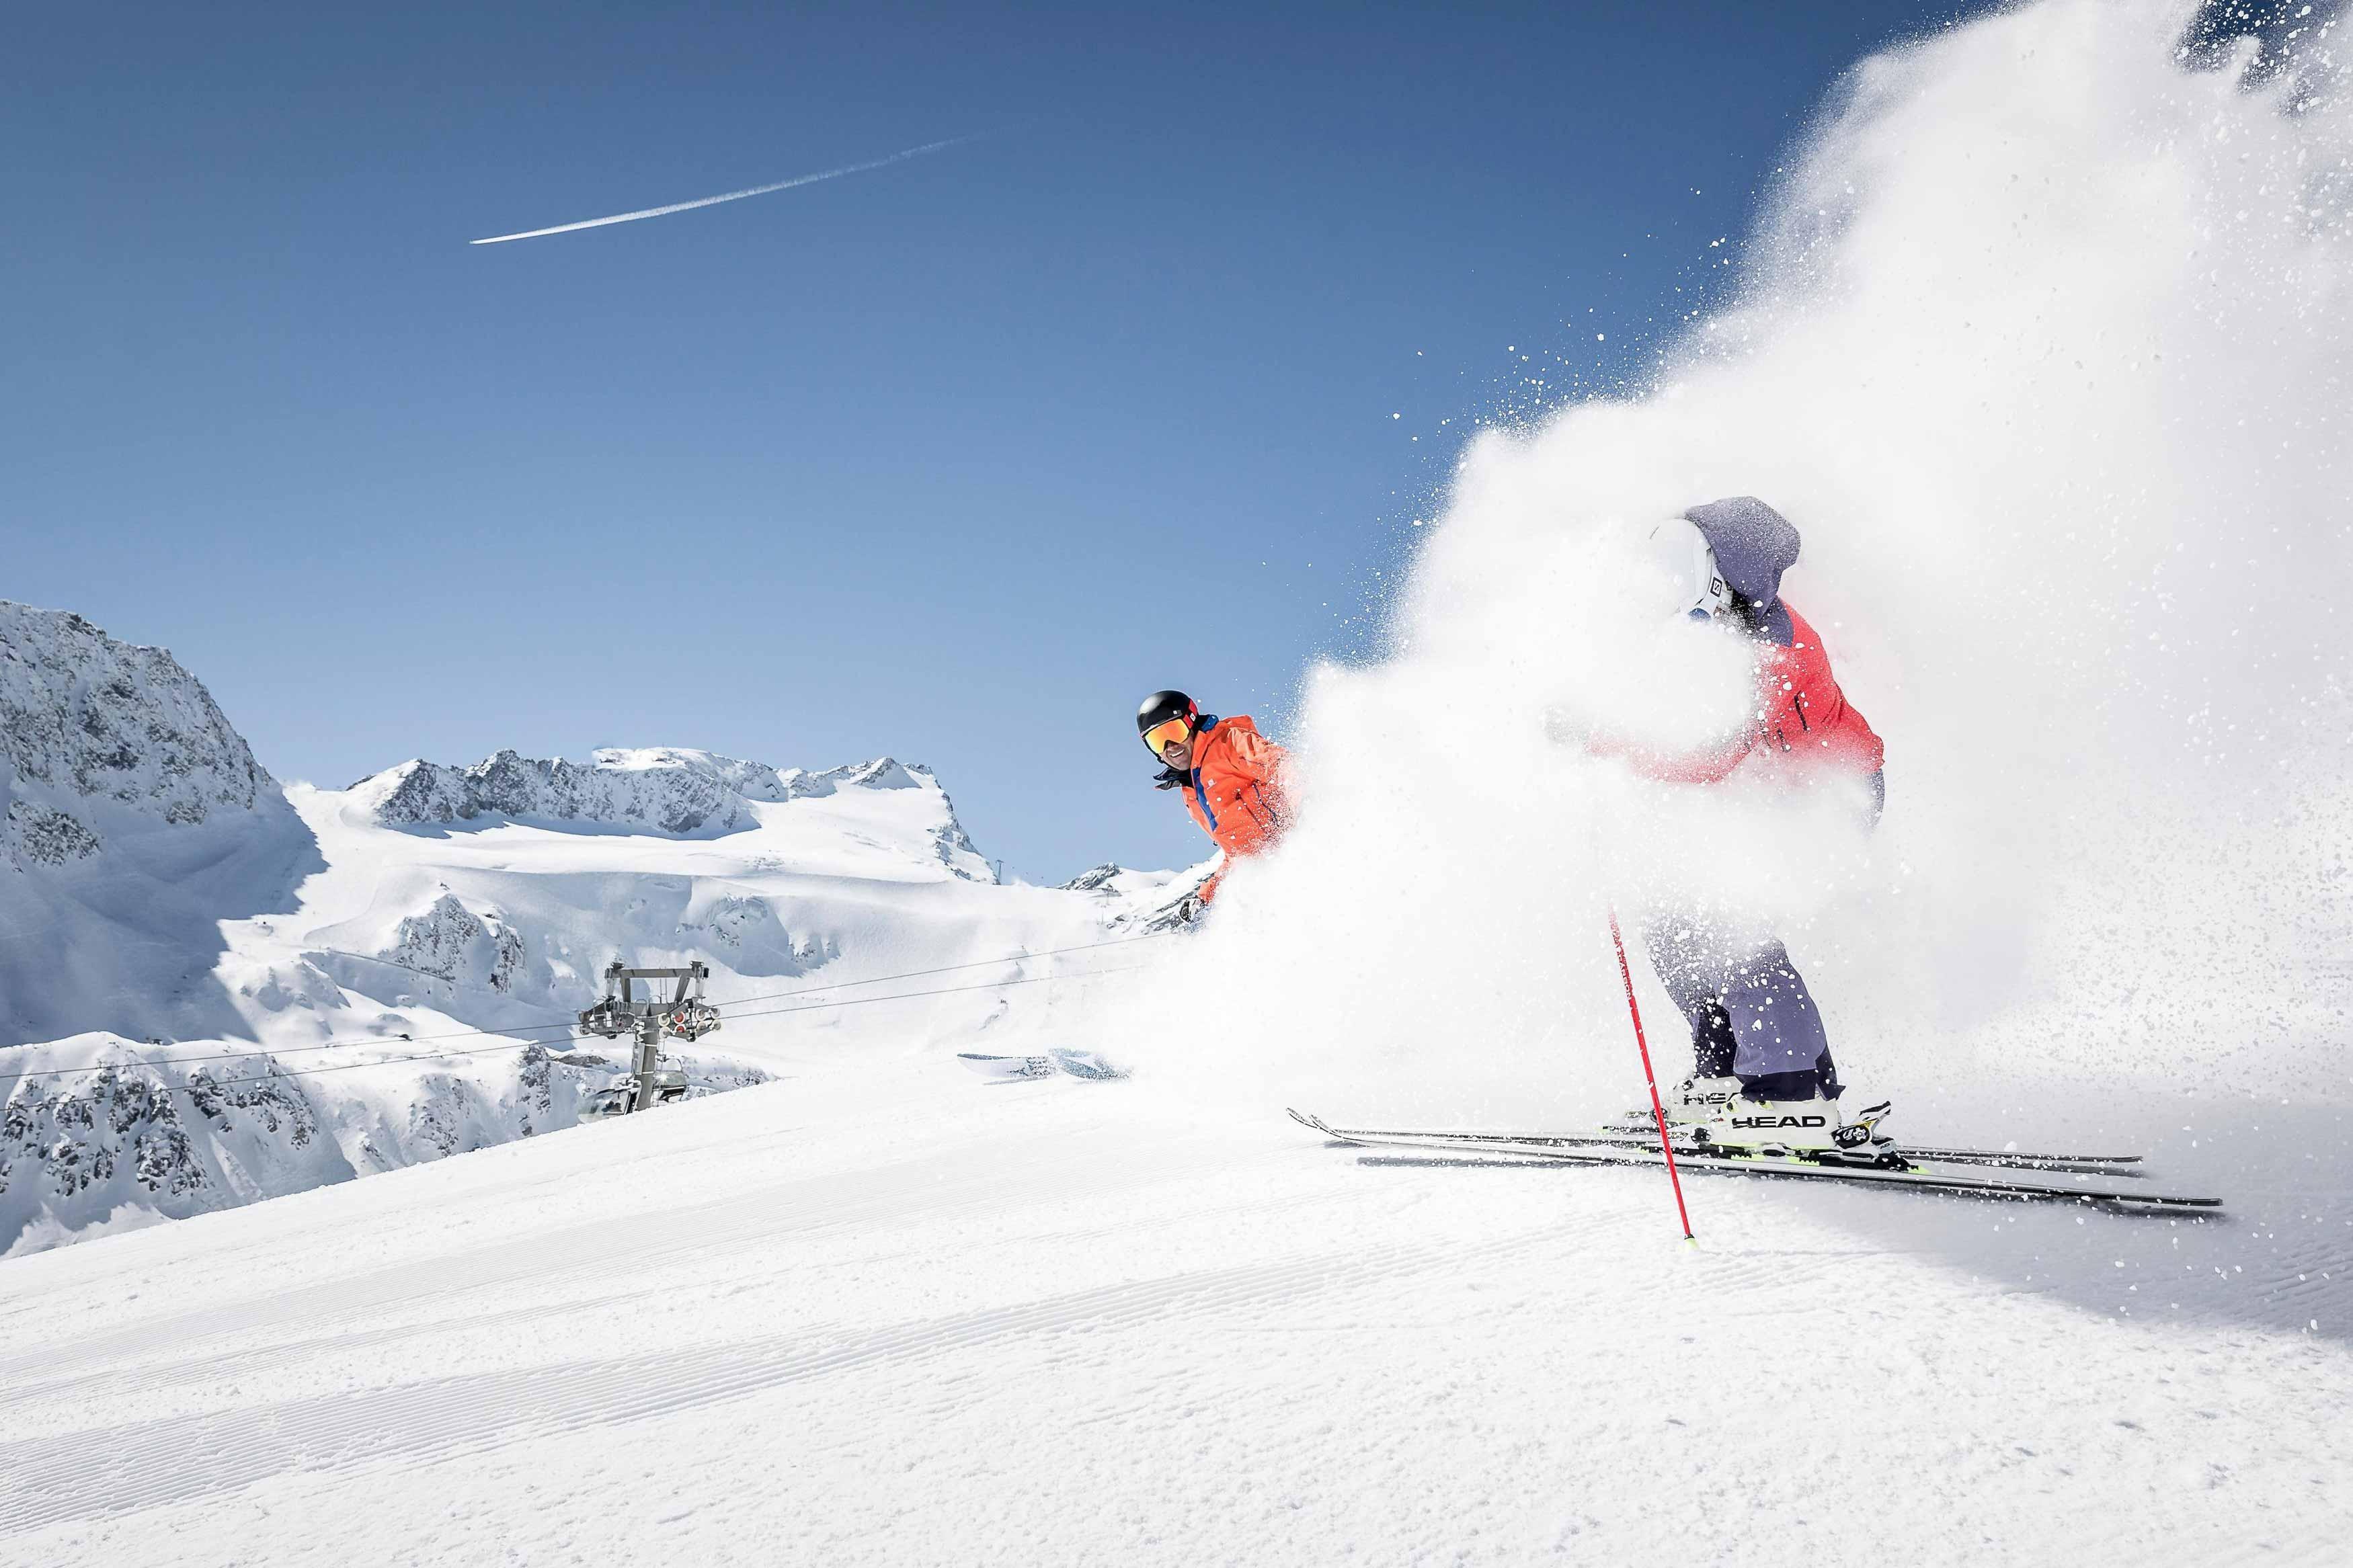 Maand Kalender 2019 Pdf Más Recientes soelden Holiday Hotels Skiing In Tirol –sterreich Of Maand Kalender 2019 Pdf Más Arriba-a-fecha Dolly by Le Petit tom '